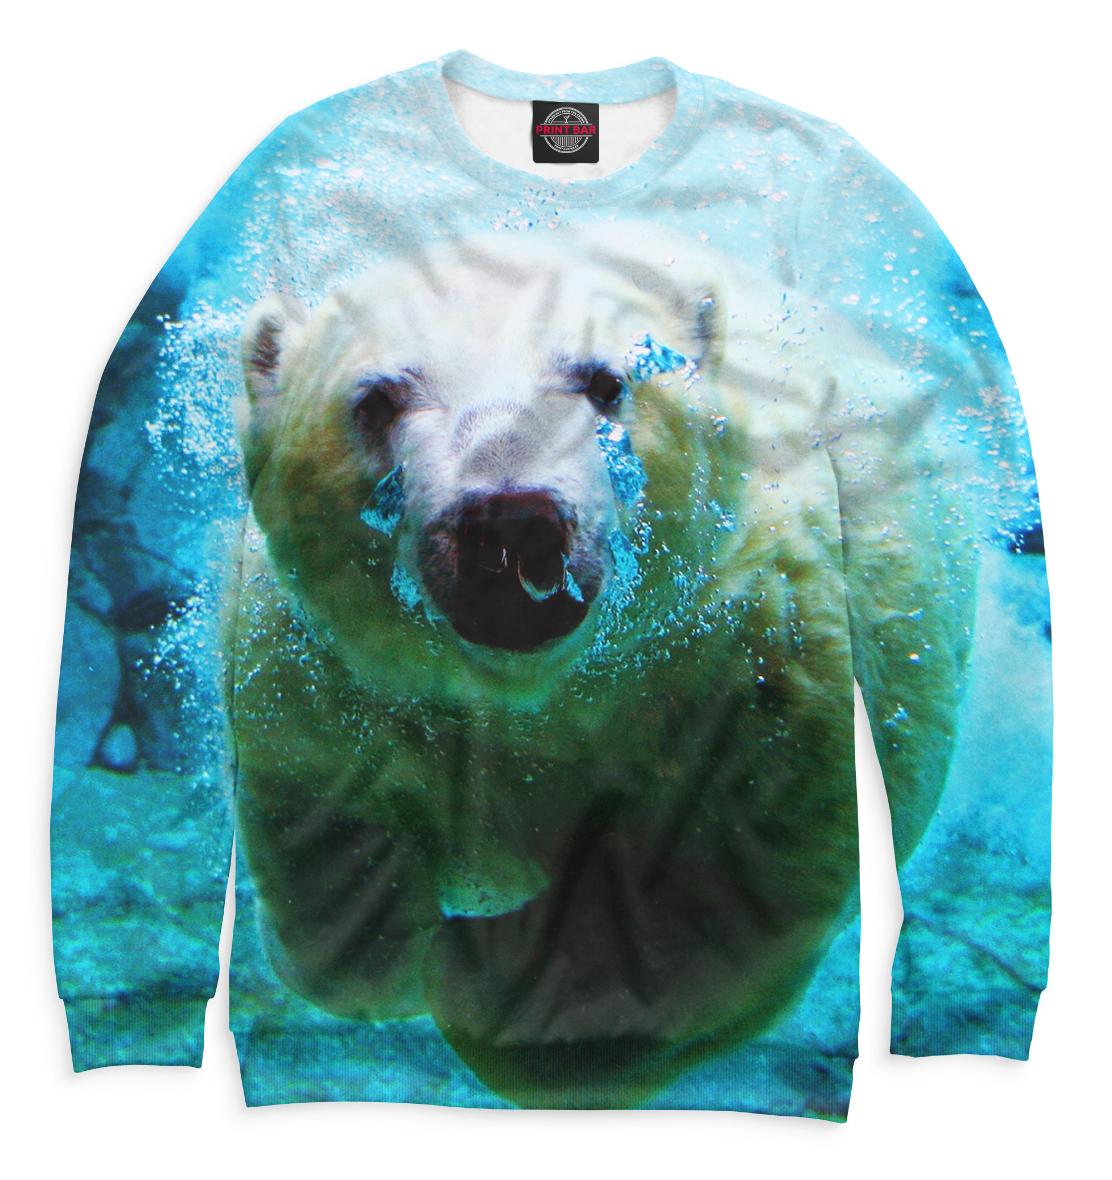 Купить Белый медведь под водой, Printbar, Свитшоты, MED-880953-swi-2